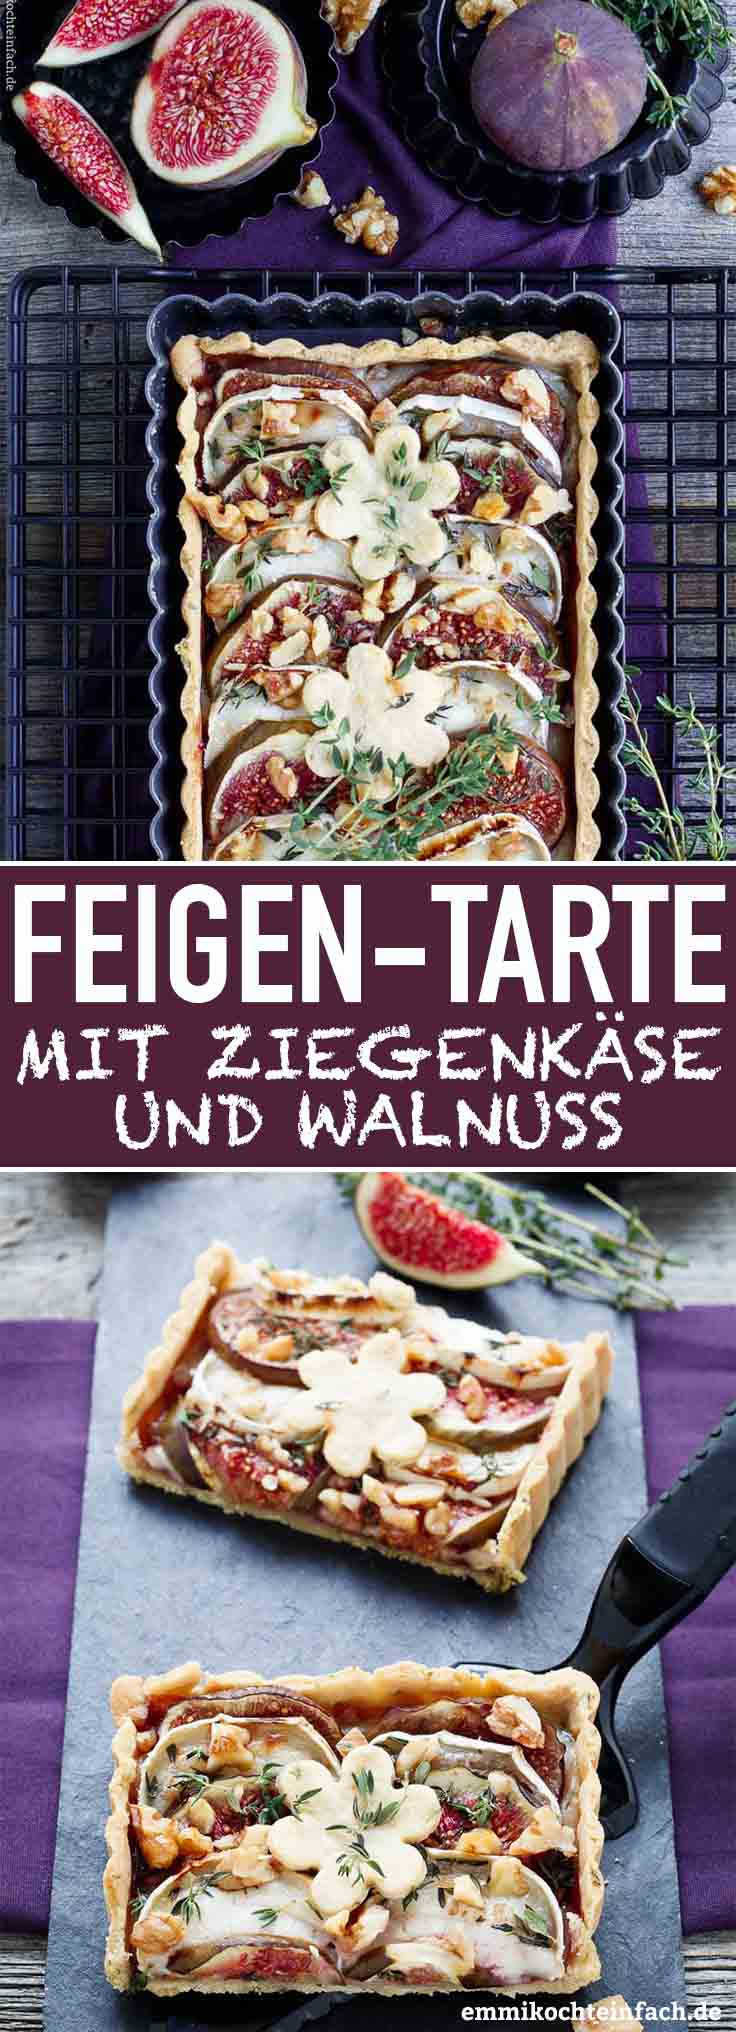 Feigentarte mit Ziegenkäse - www.emmikochteinfach.de